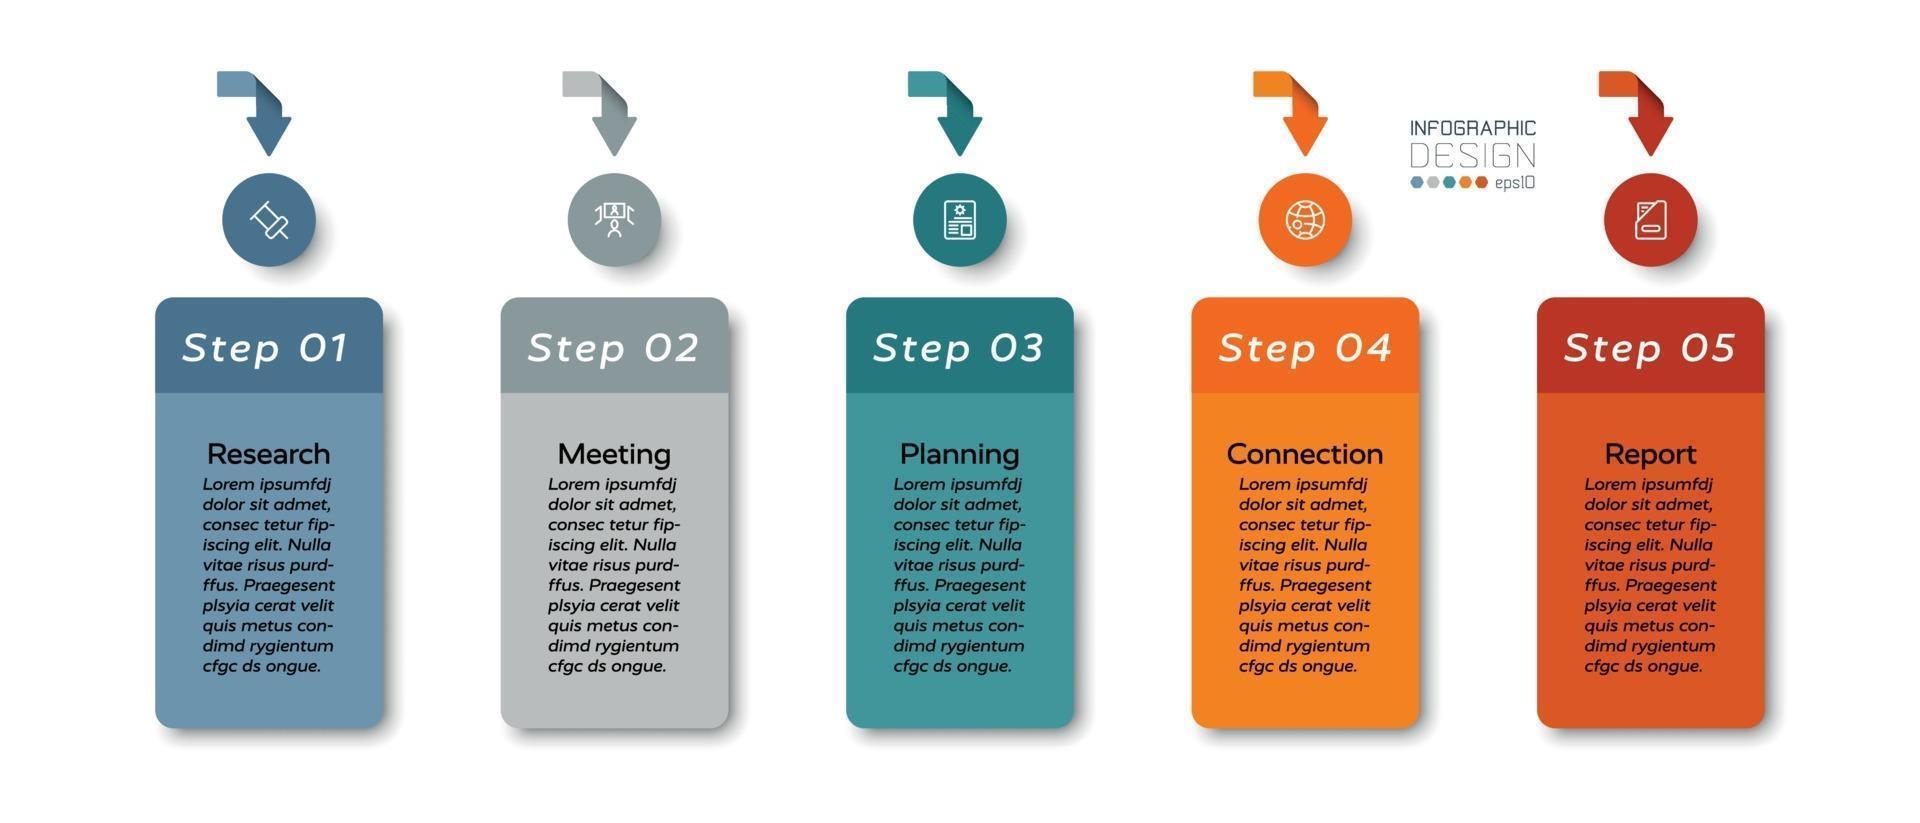 5 etapas para apresentações em negócios, organização, marketing e educação pela praça do design. projeto infográfico. vetor